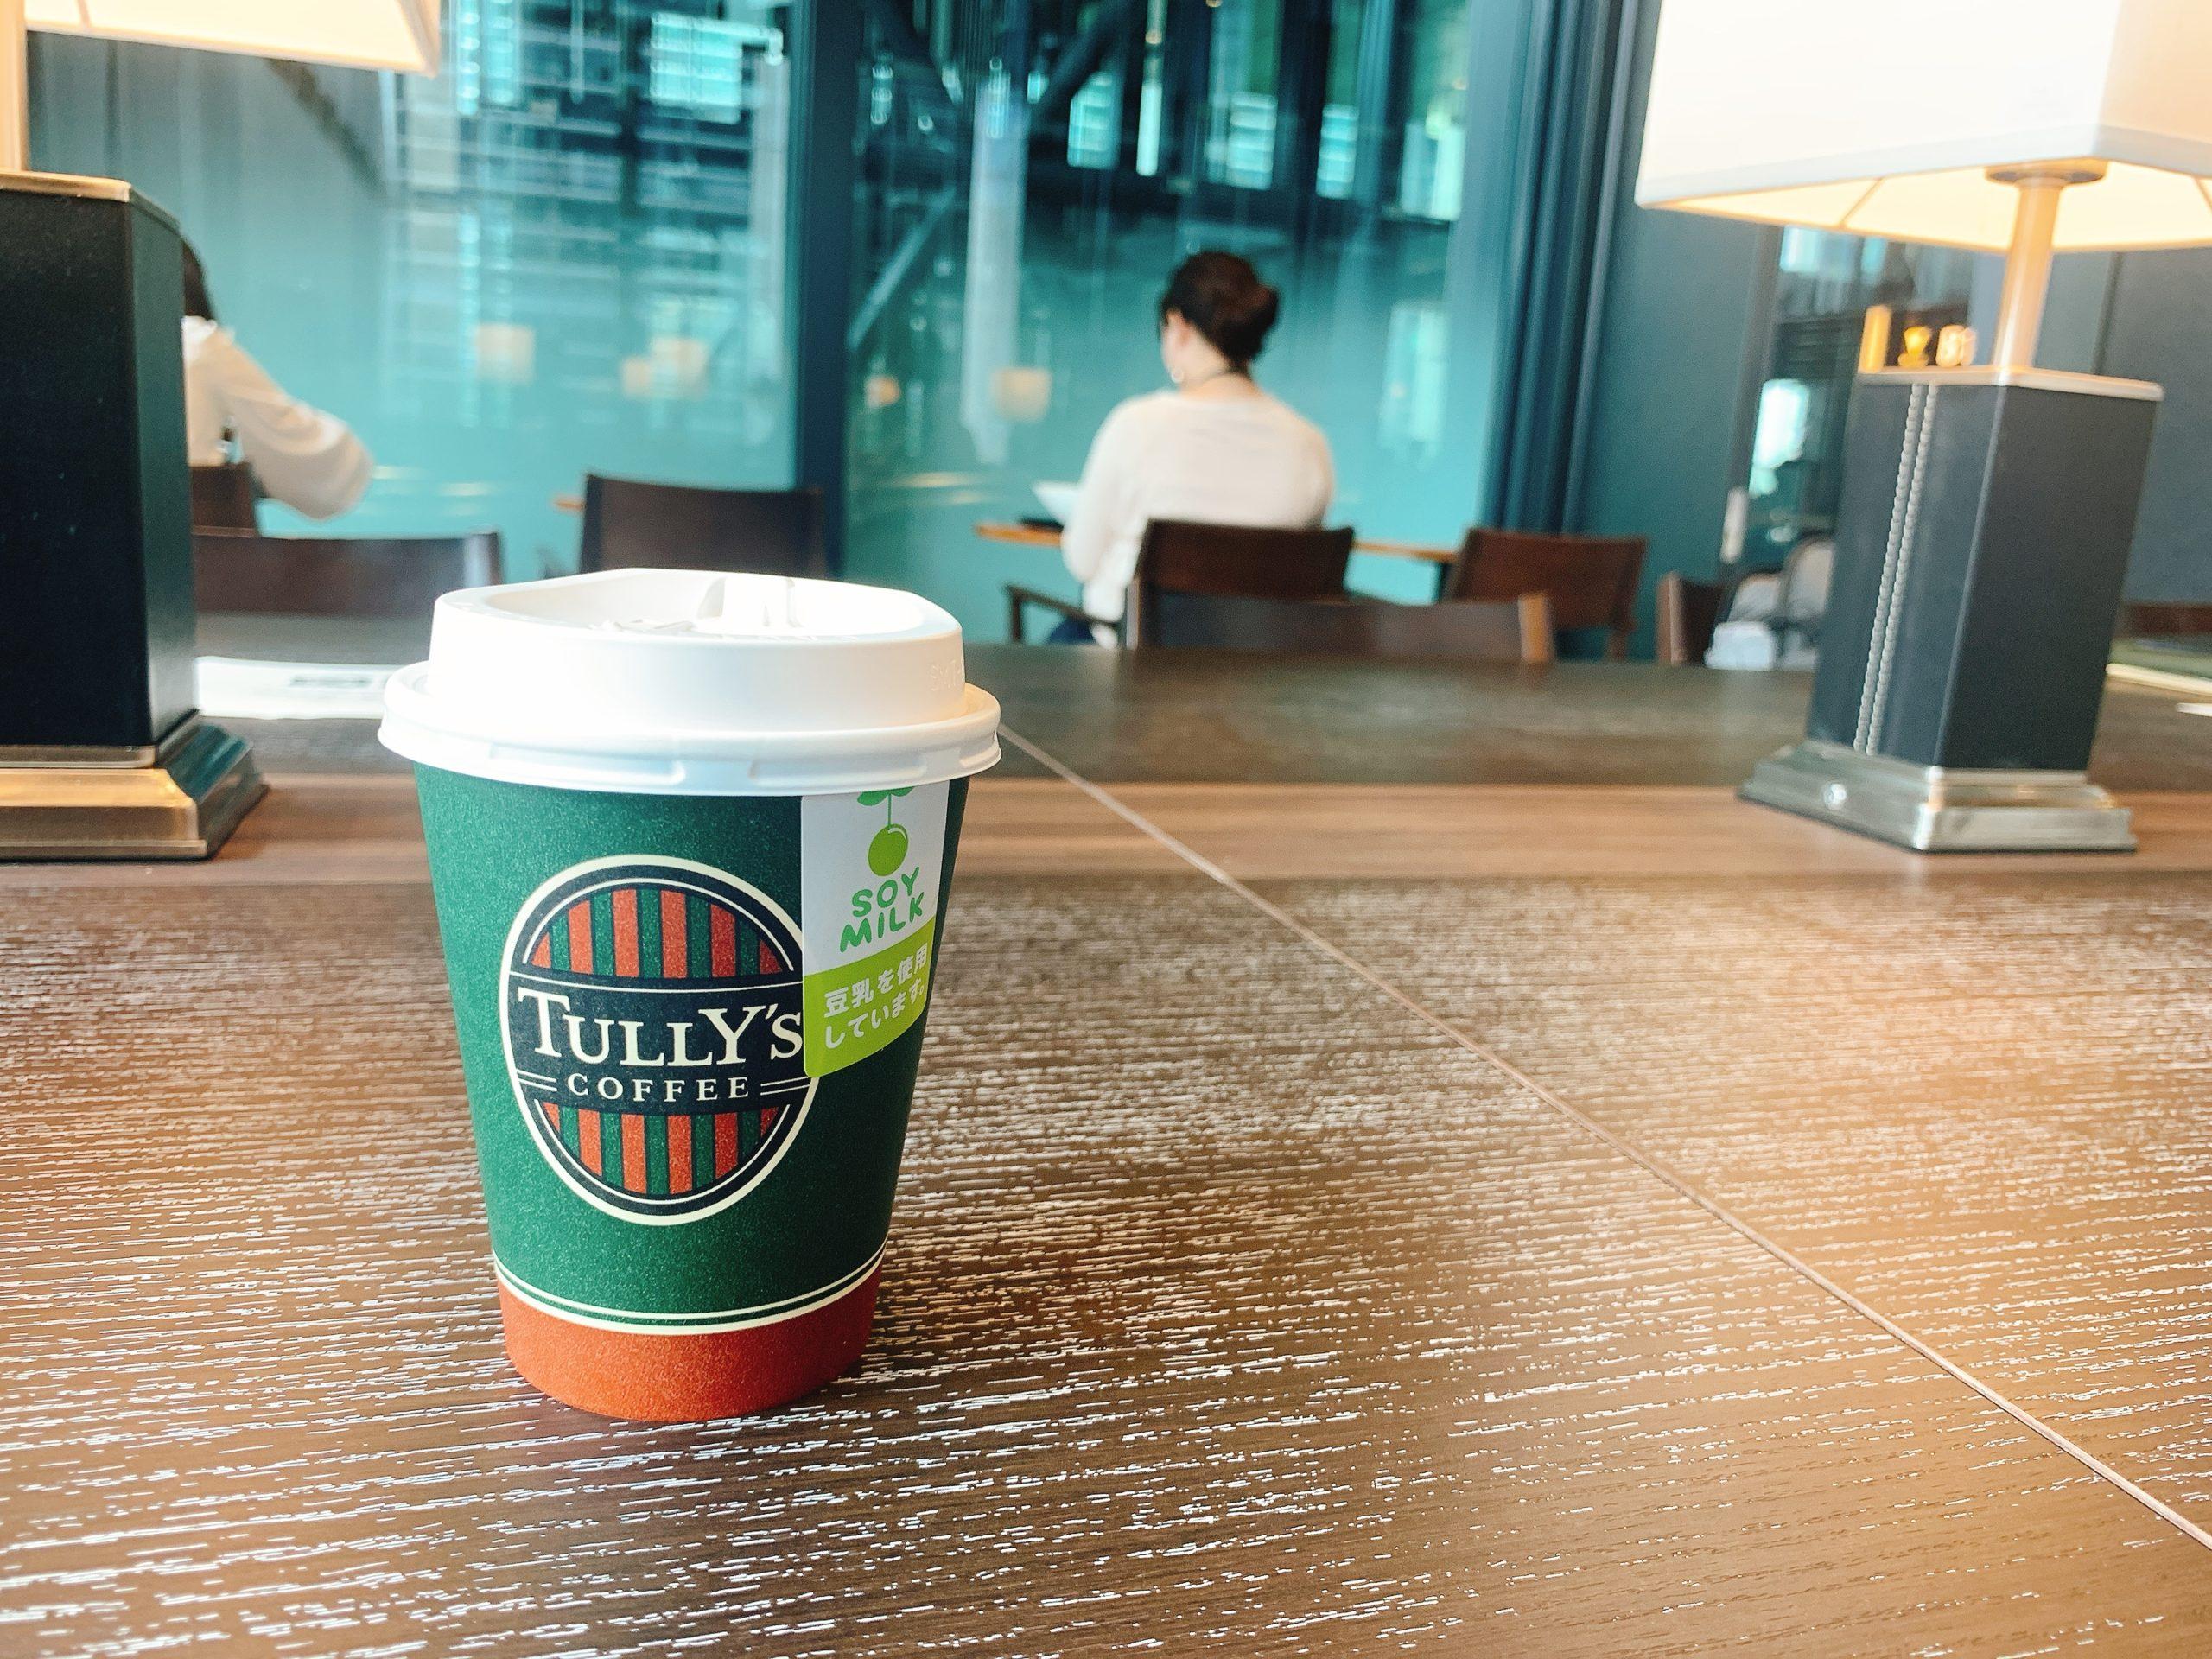 南柏駅北口 打ち合わせカフェ タリーズコーヒー 南柏店 Wi-Fi